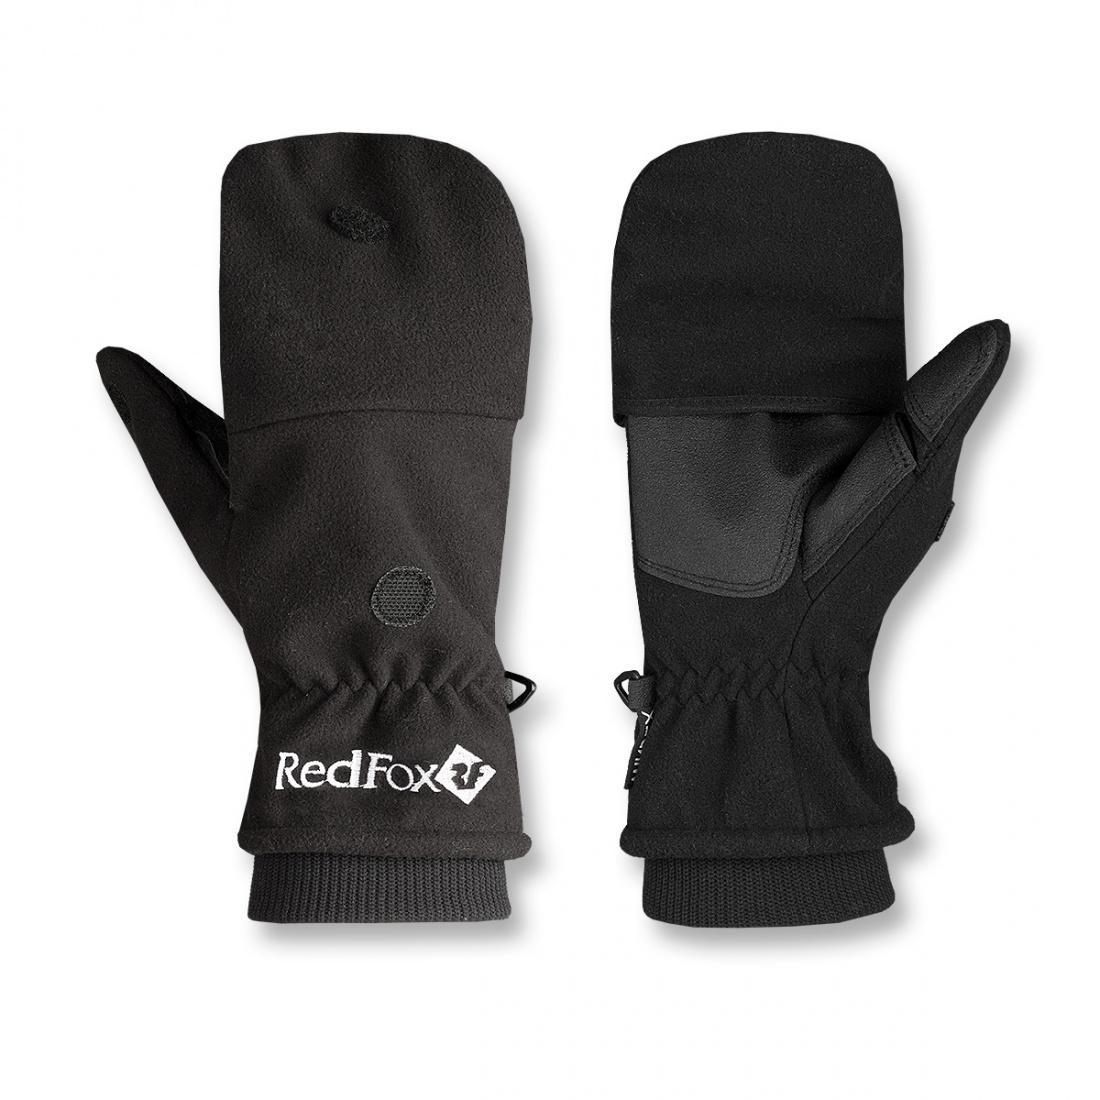 Перчатки TransmittenПерчатки<br><br> Перчатки-трансформеры с возможностью использования изделия с открытыми пальцами, а также в качестветеплых, непродуваемых рукавиц.<br><br><br> Основные характеристики:<br><br><br><br><br>комфортная регулировка ладони, позволяющая транс...